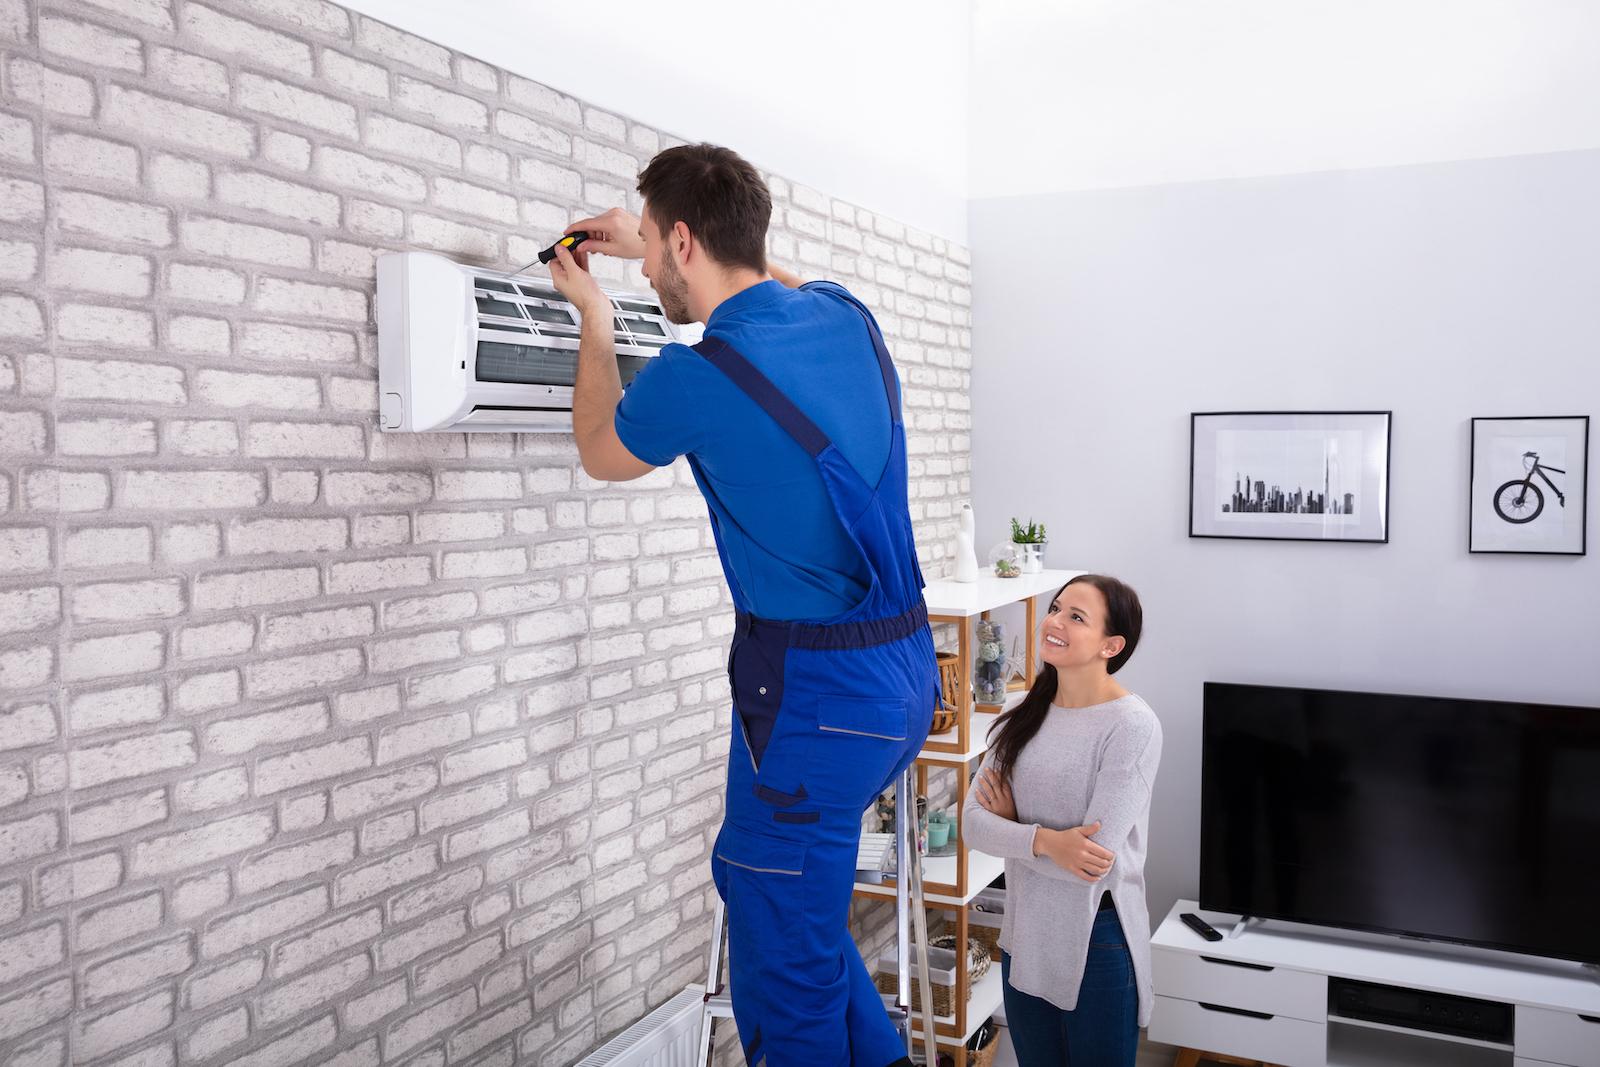 incarcare freon aer conditionat apartament